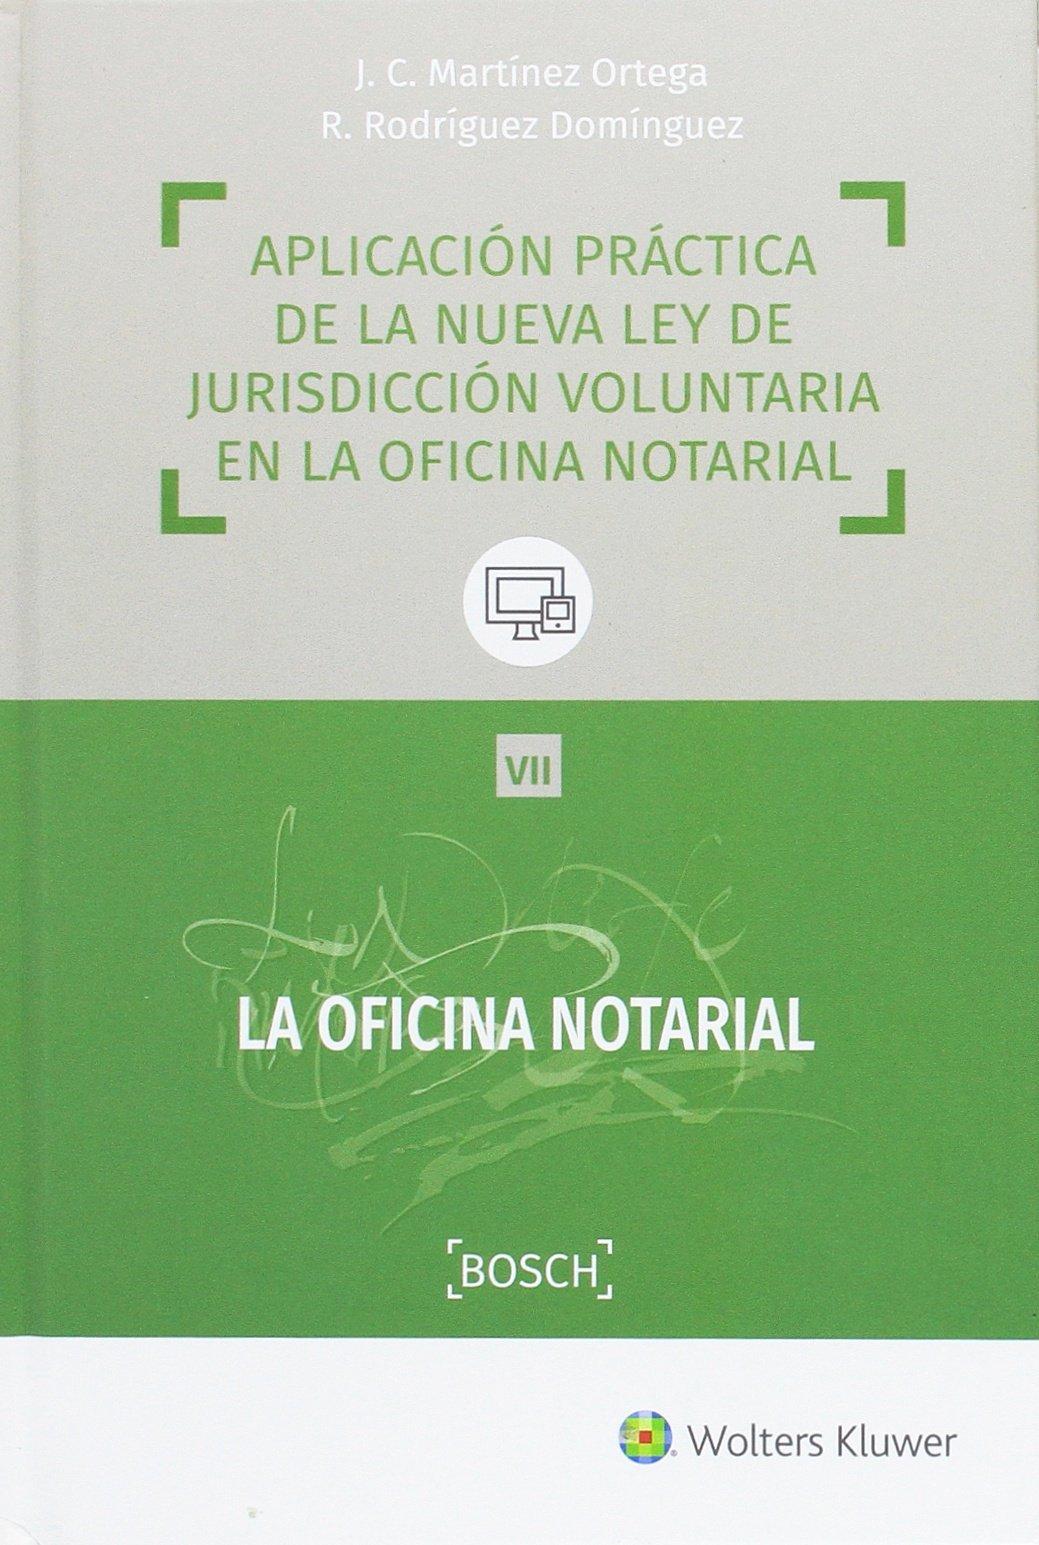 Aplicación práctica de la nueva ley de jurisdicción voluntaria en la oficina notarial